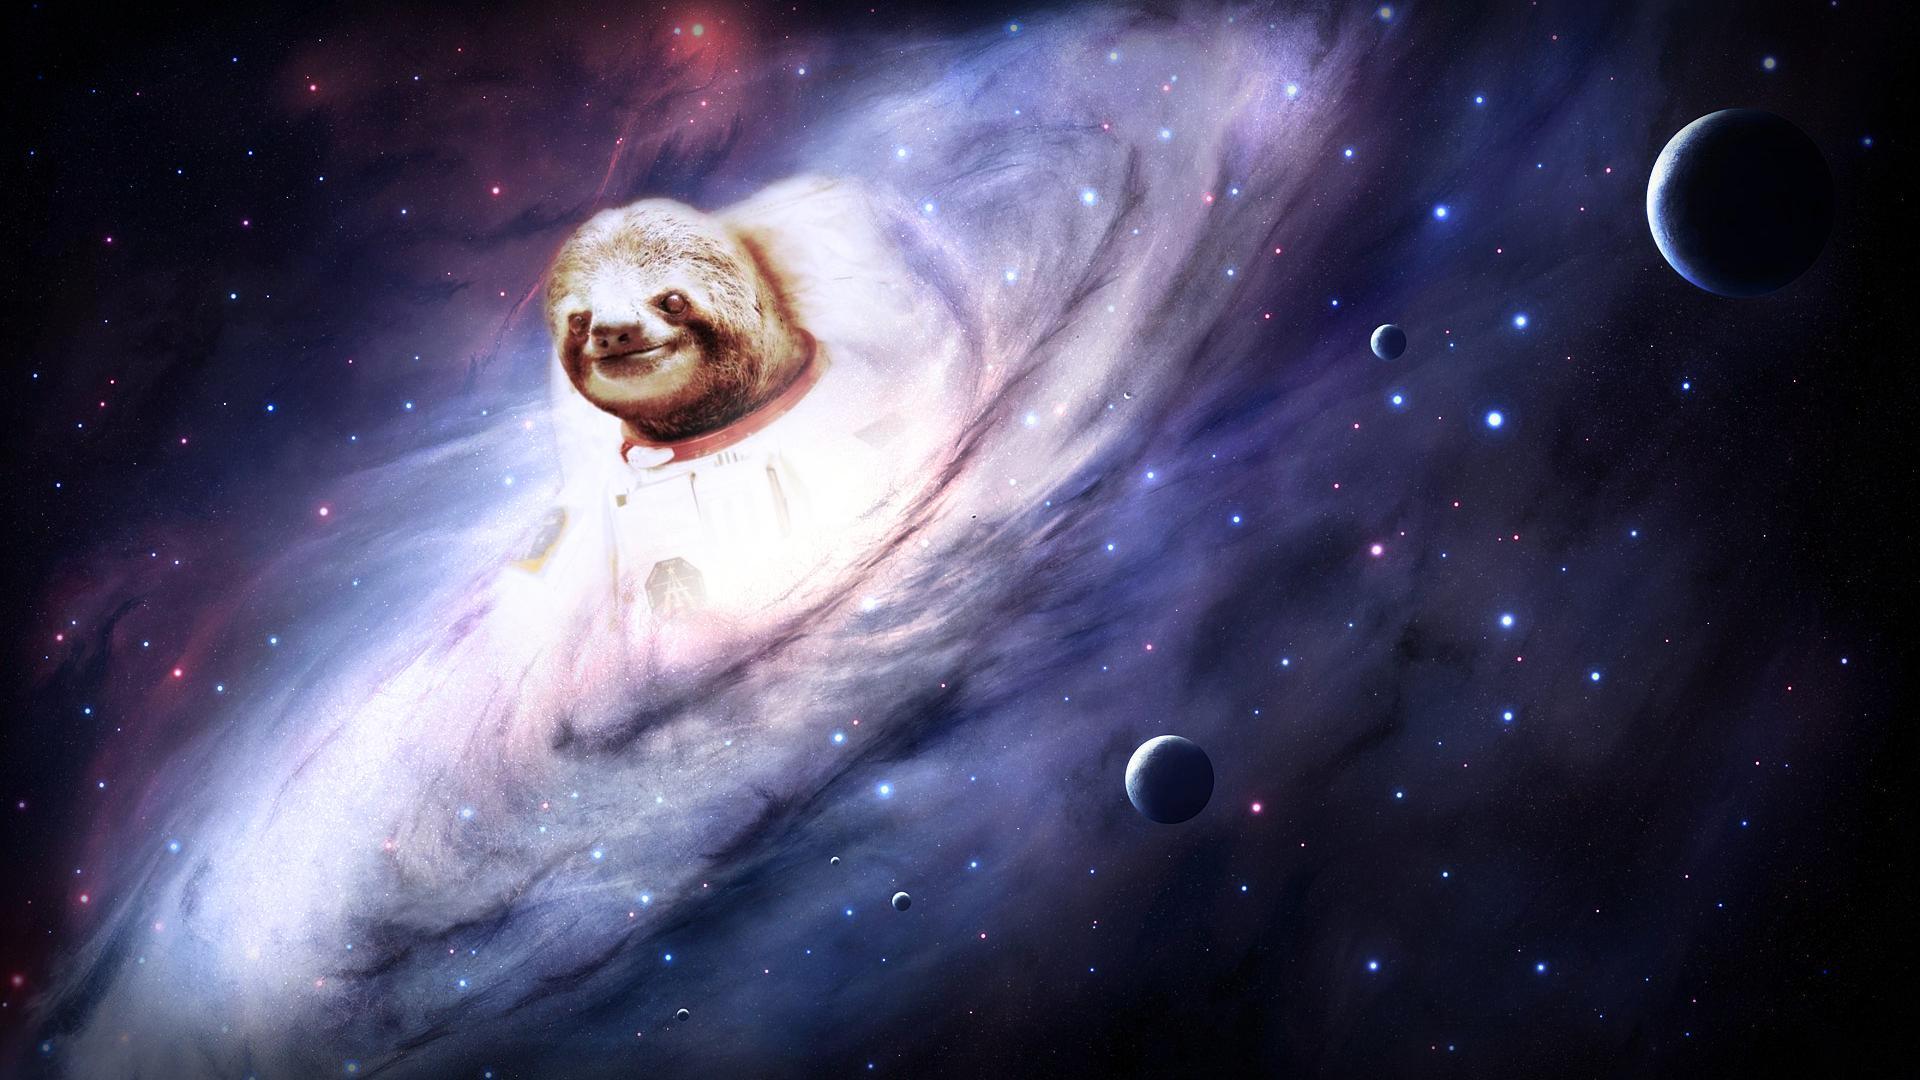 Firefox Nebula by wboivin1123 - Meme Center